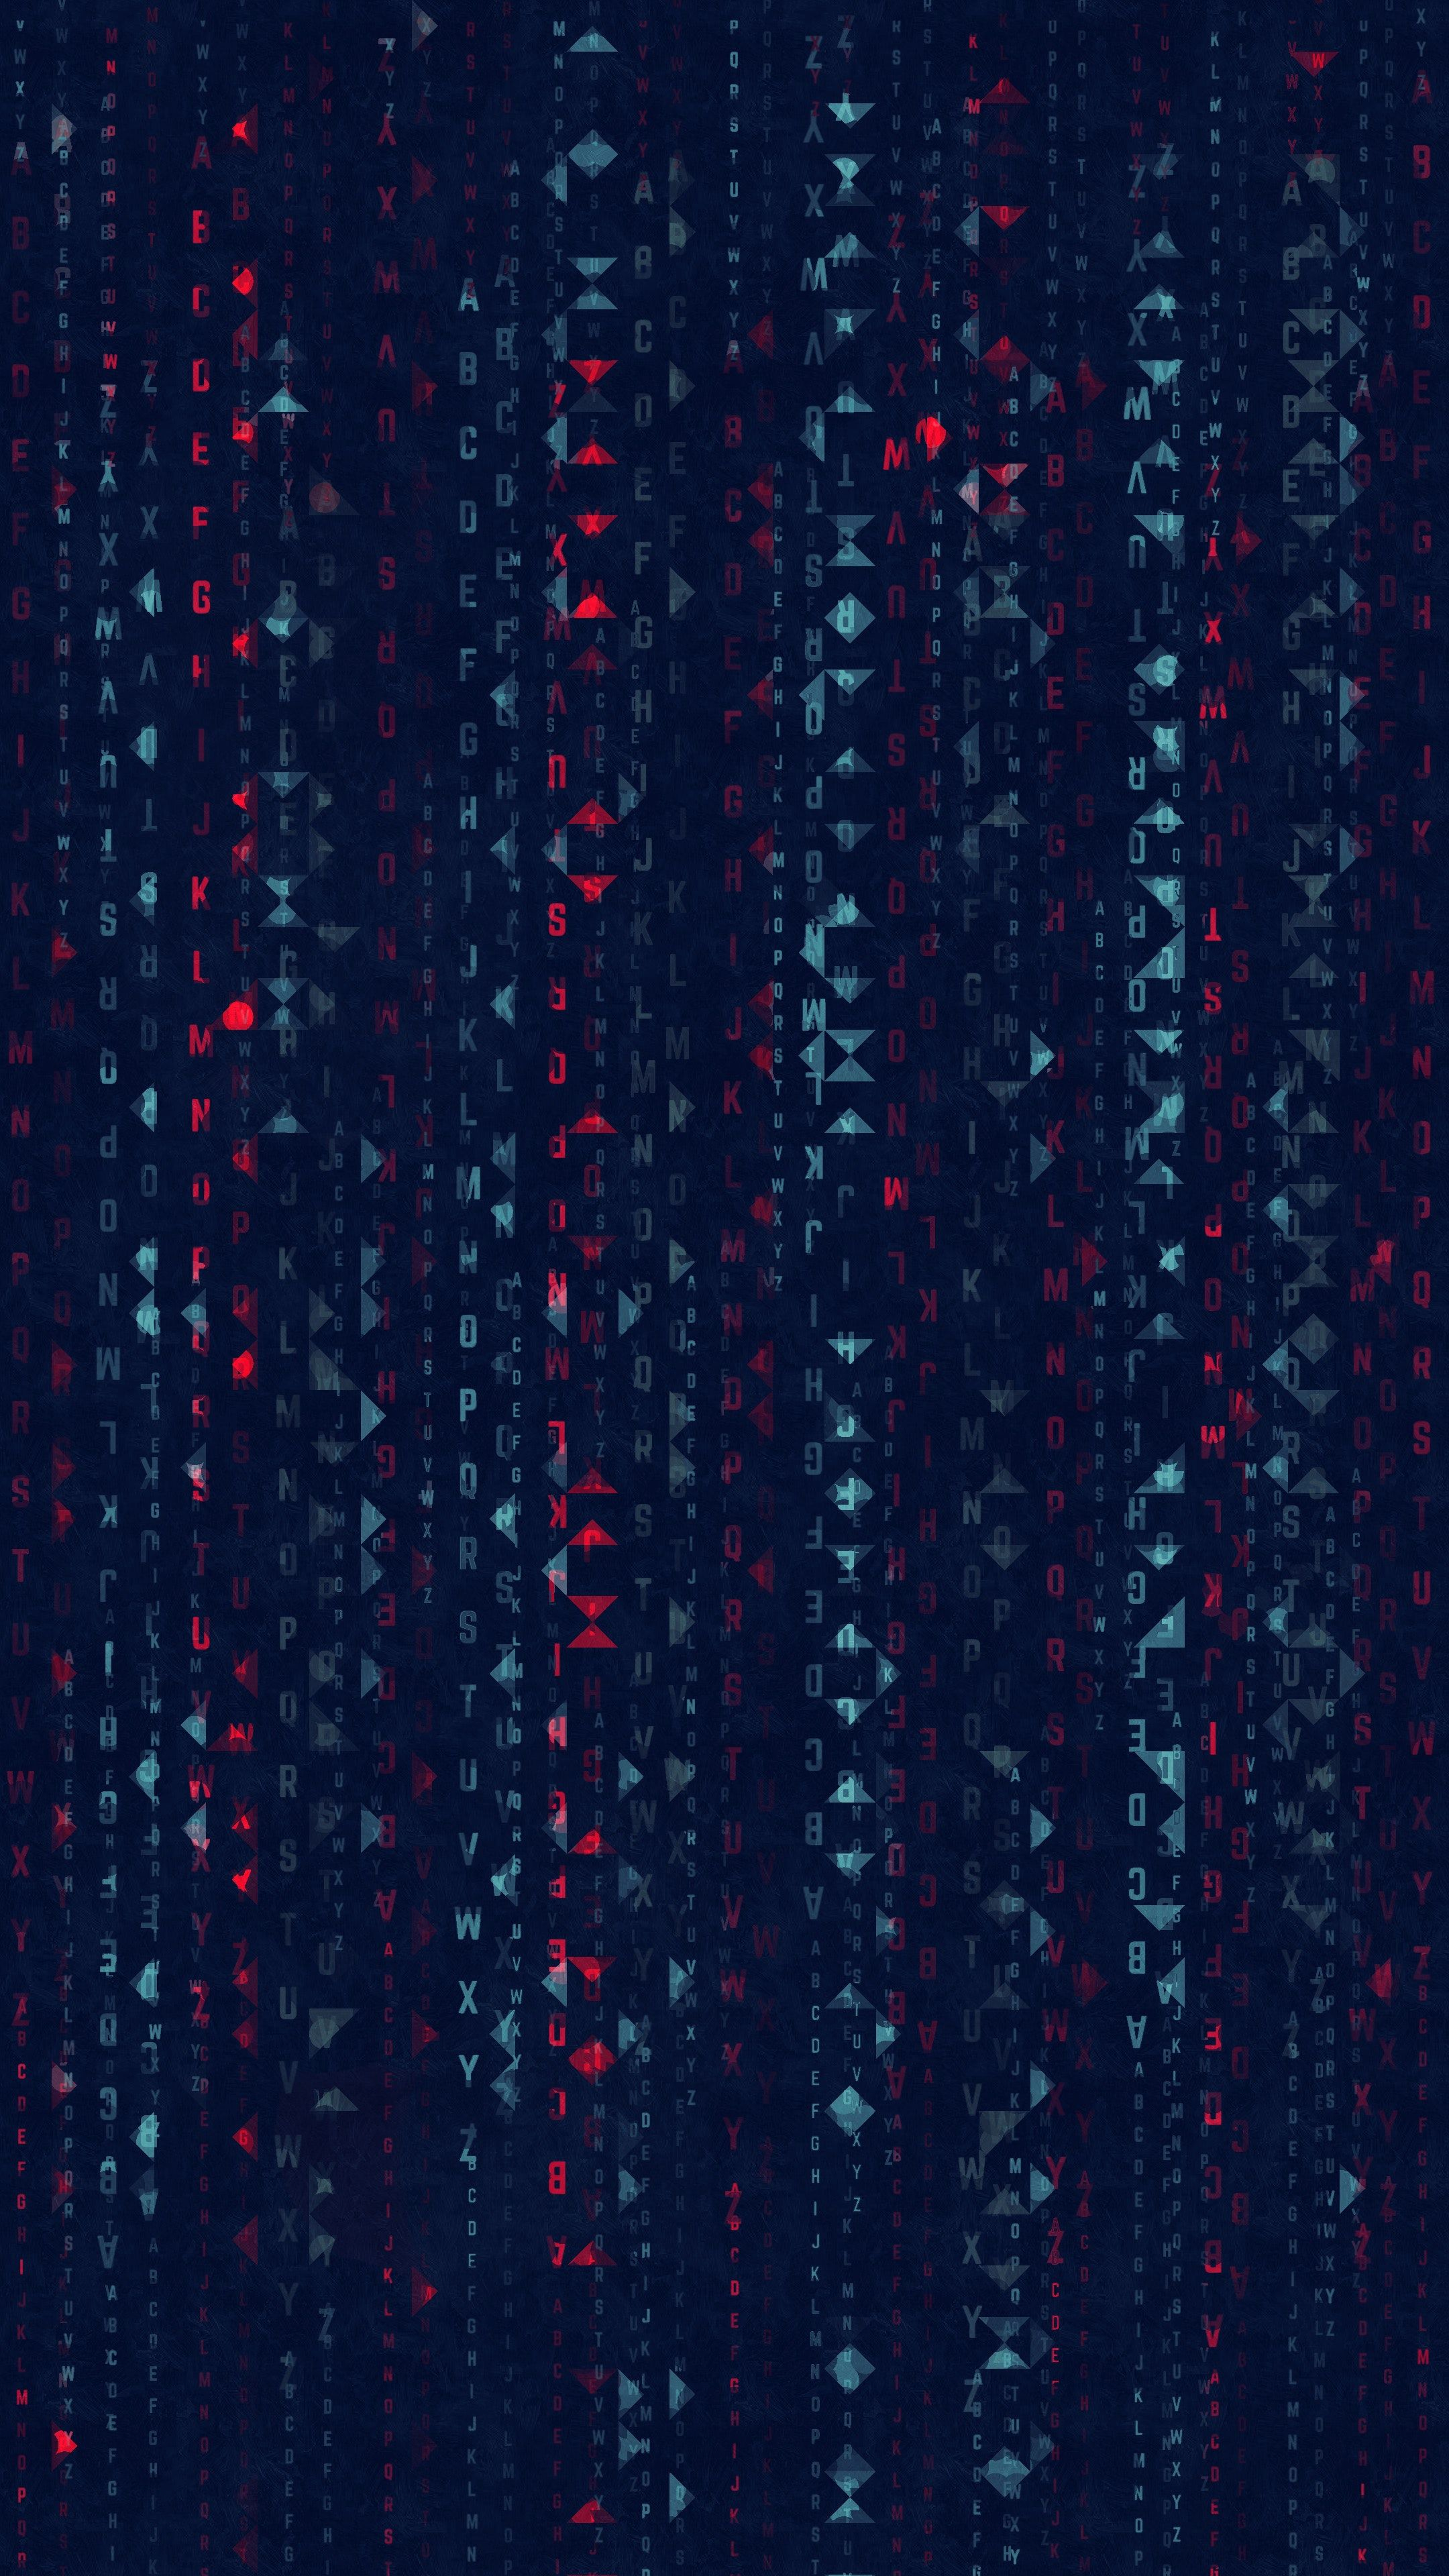 151878 Hintergrundbild herunterladen Abstrakt, Matrix, Symbole, Zeichen, Die Matrix, Briefe, Buchstaben - Bildschirmschoner und Bilder kostenlos